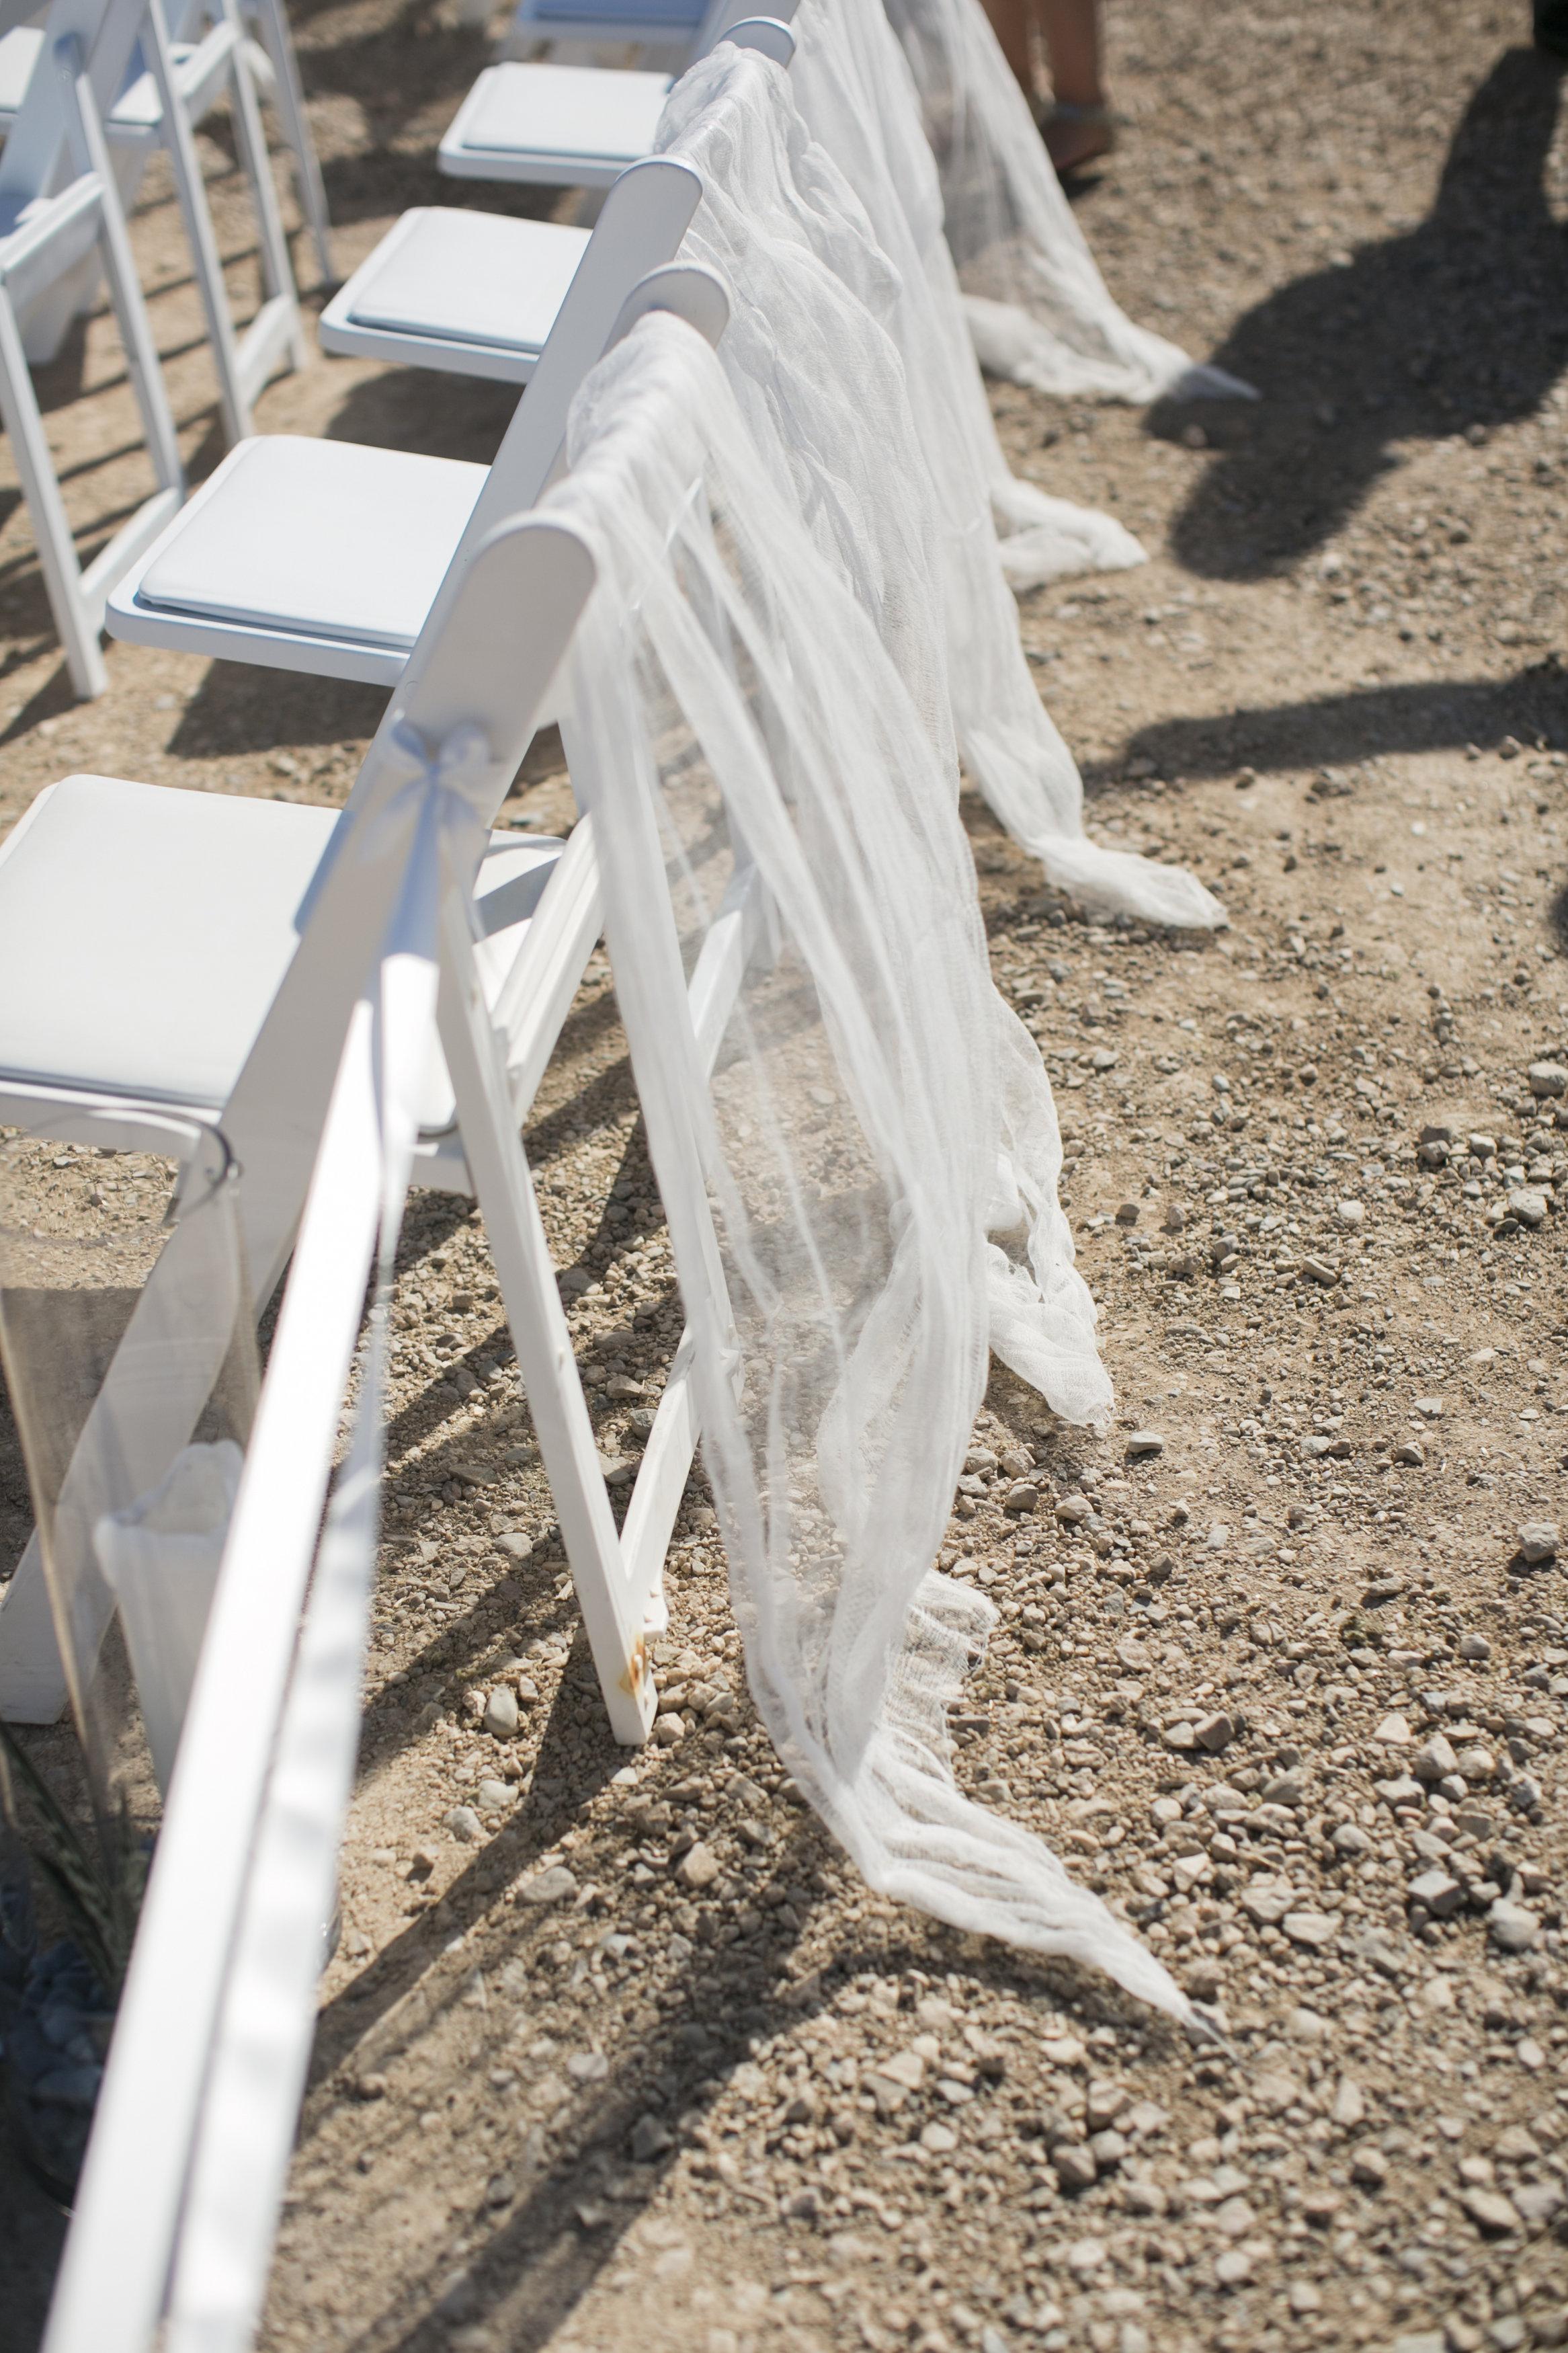 Ceci_New_York_Ceci_Style_Ceci_Johnson_Luxury_Lifestyle_Arizona_Wedding_Watercolor_Inspiration_Design_Custom_Couture_Personalized_Invitations_89.jpg